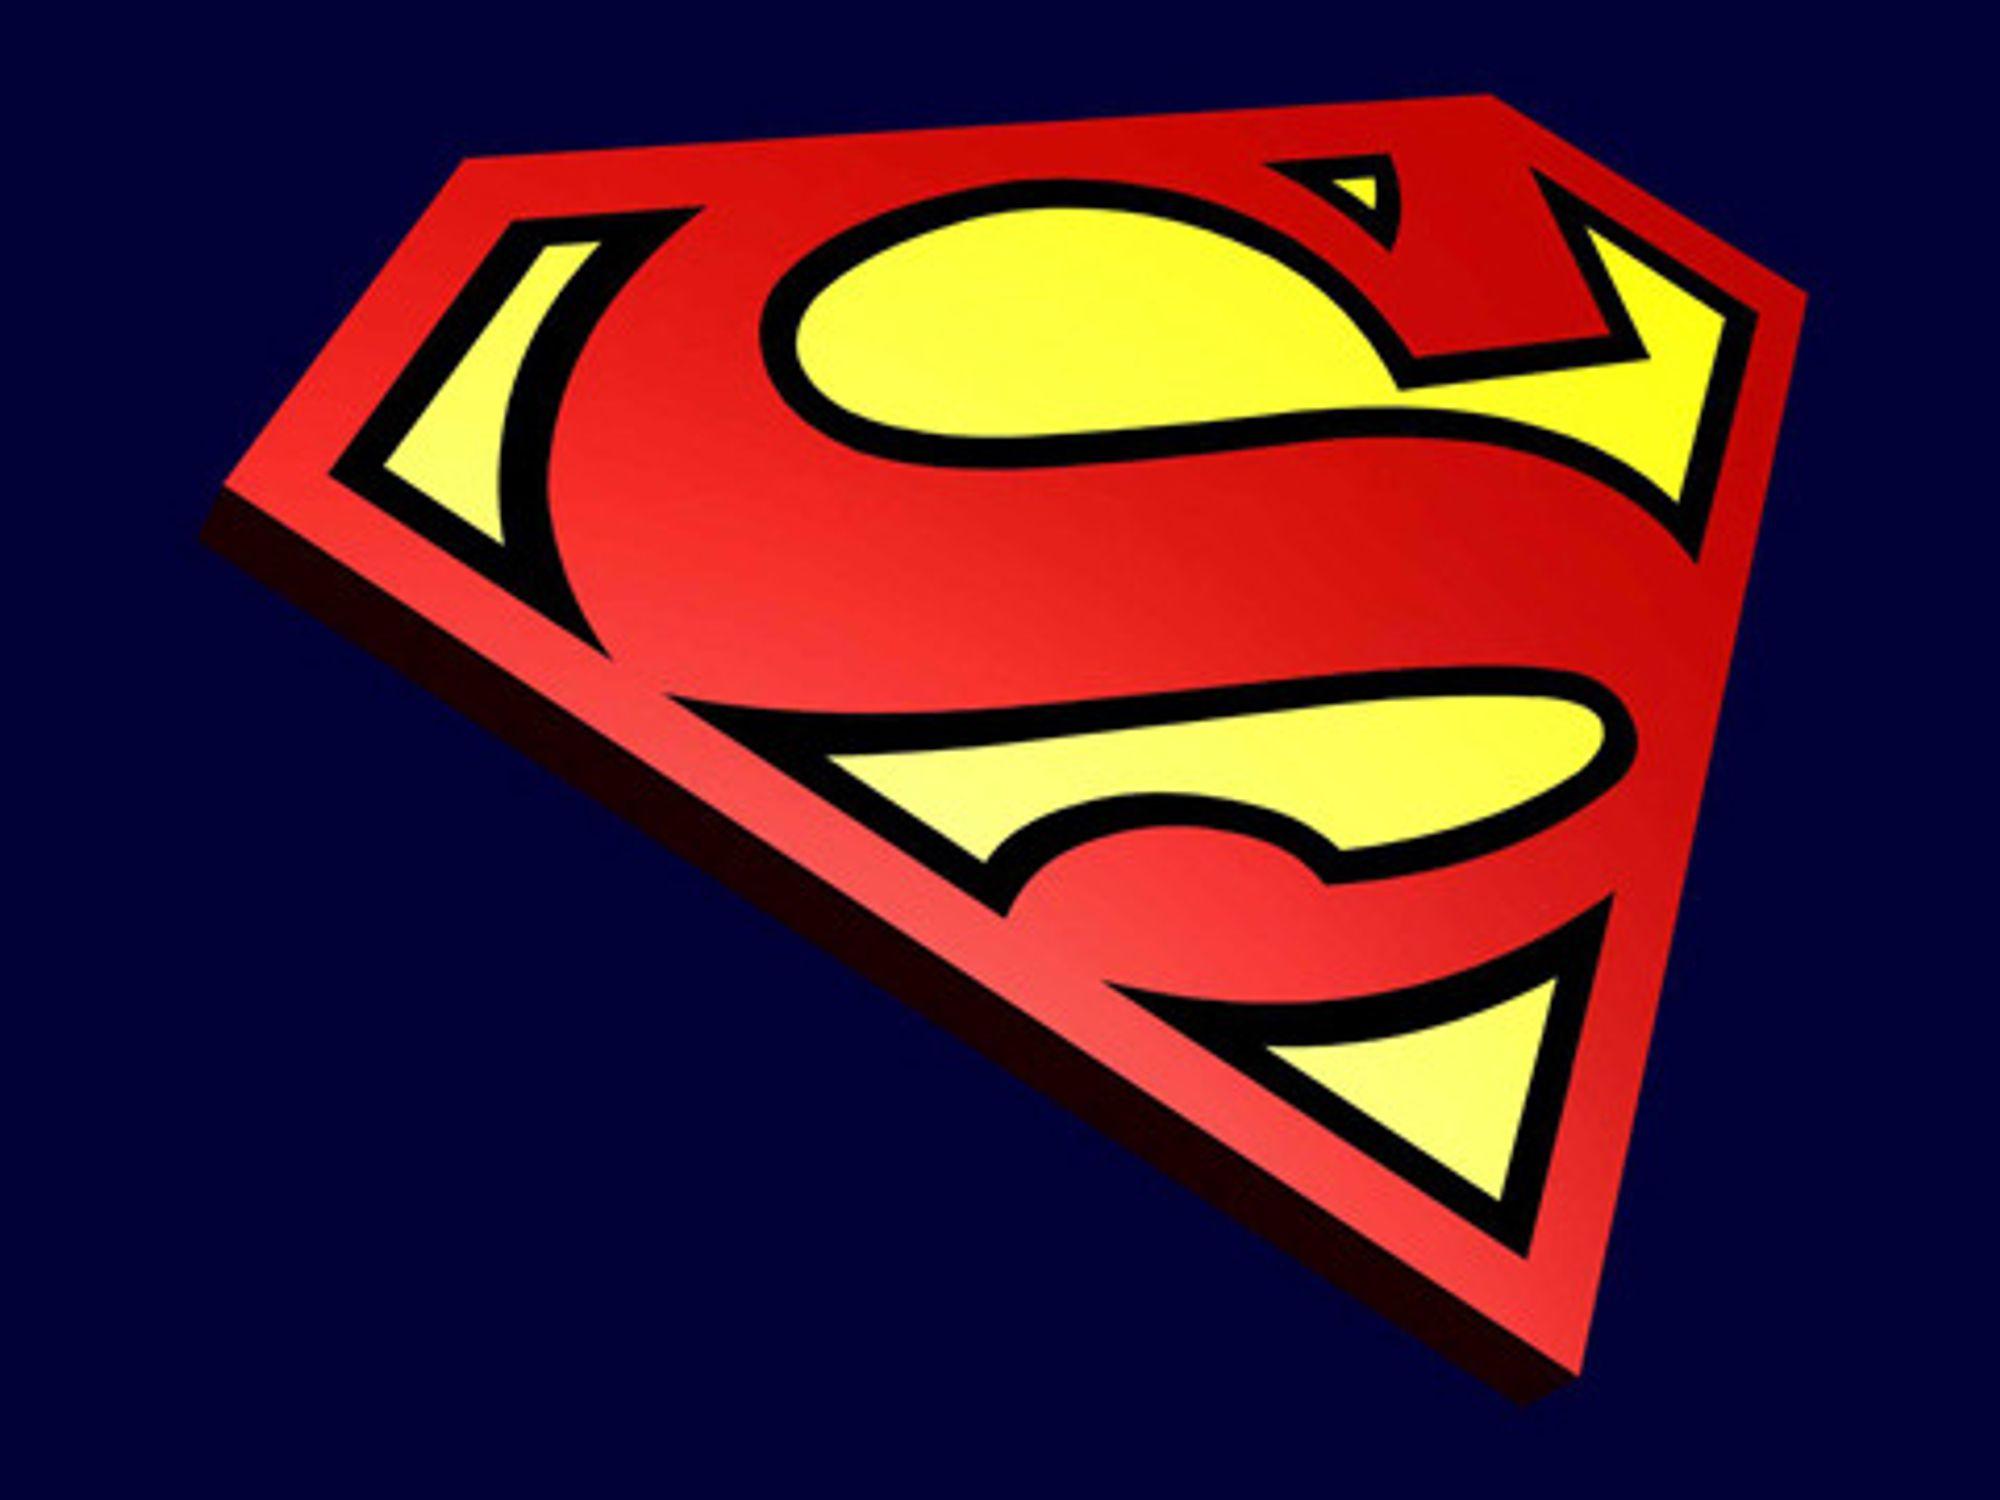 NYTT: Utviklingen ble finansier atv tidligere supermann Christopher Reeves, som håpet å kunne gå igjen etter at han ble lam.